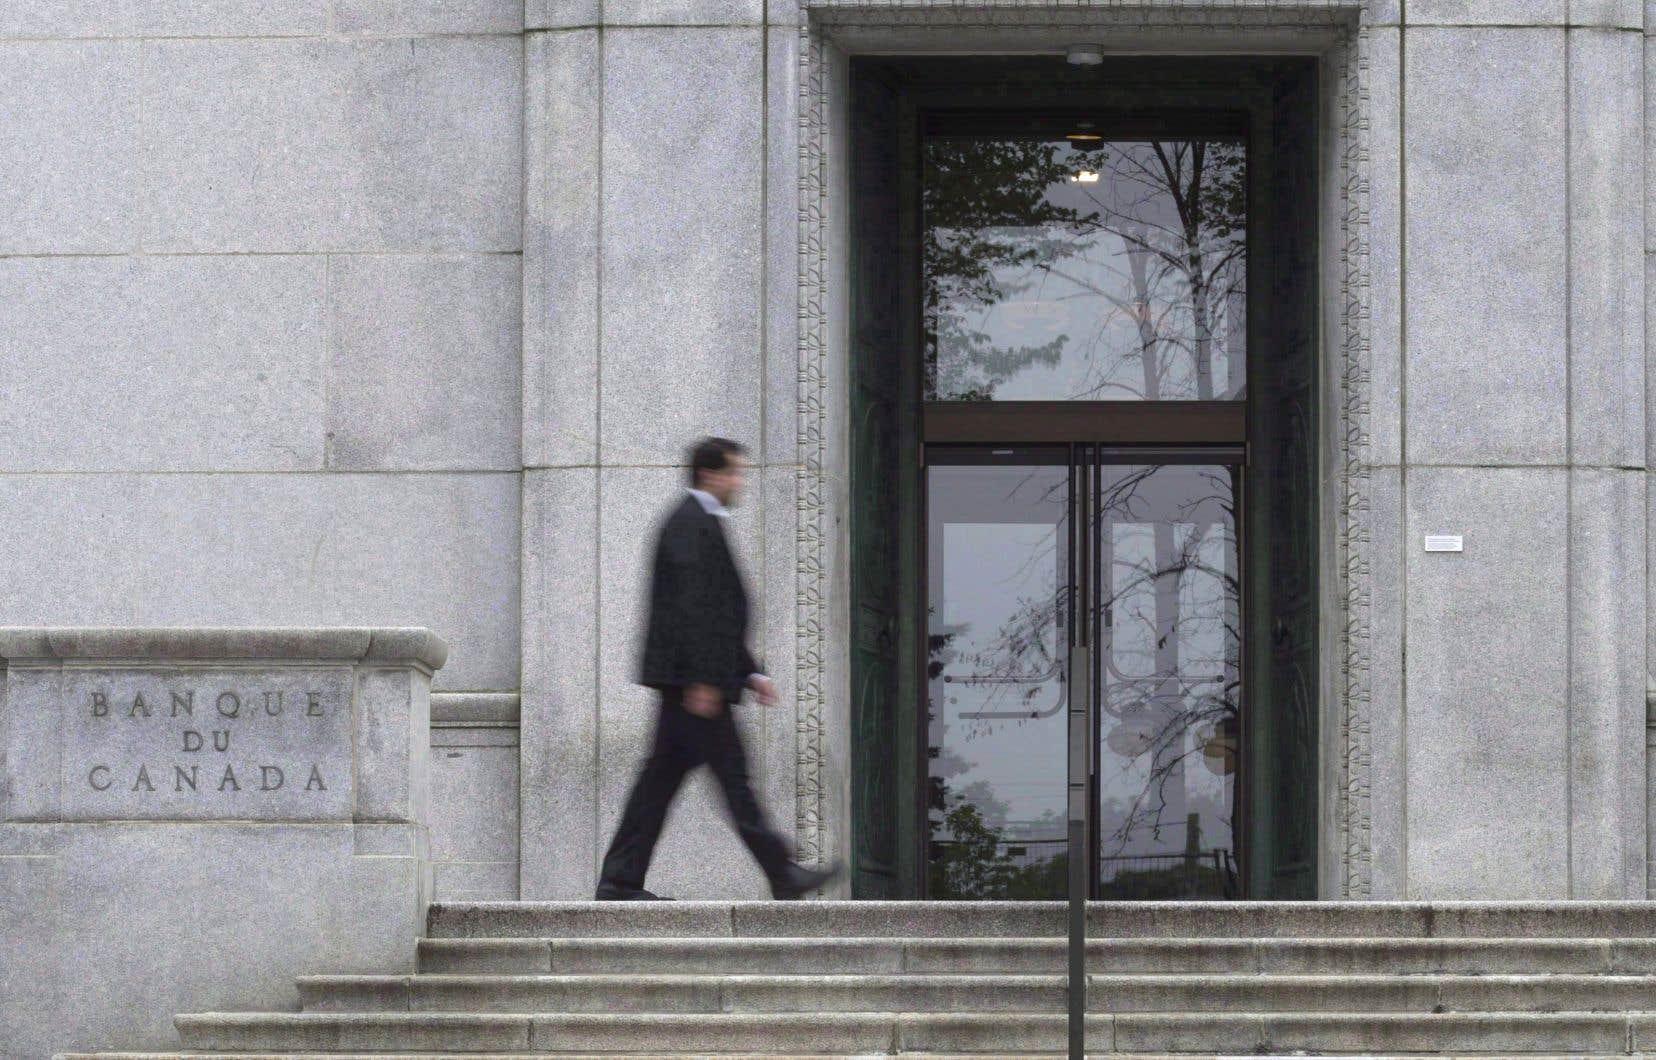 Le niveau d'endettement élevé des ménages et la flambée du marché immobilier de certaines régions demeurent cependant les deux principales vulnérabilités que la Banque du Canada garde à l'œil.